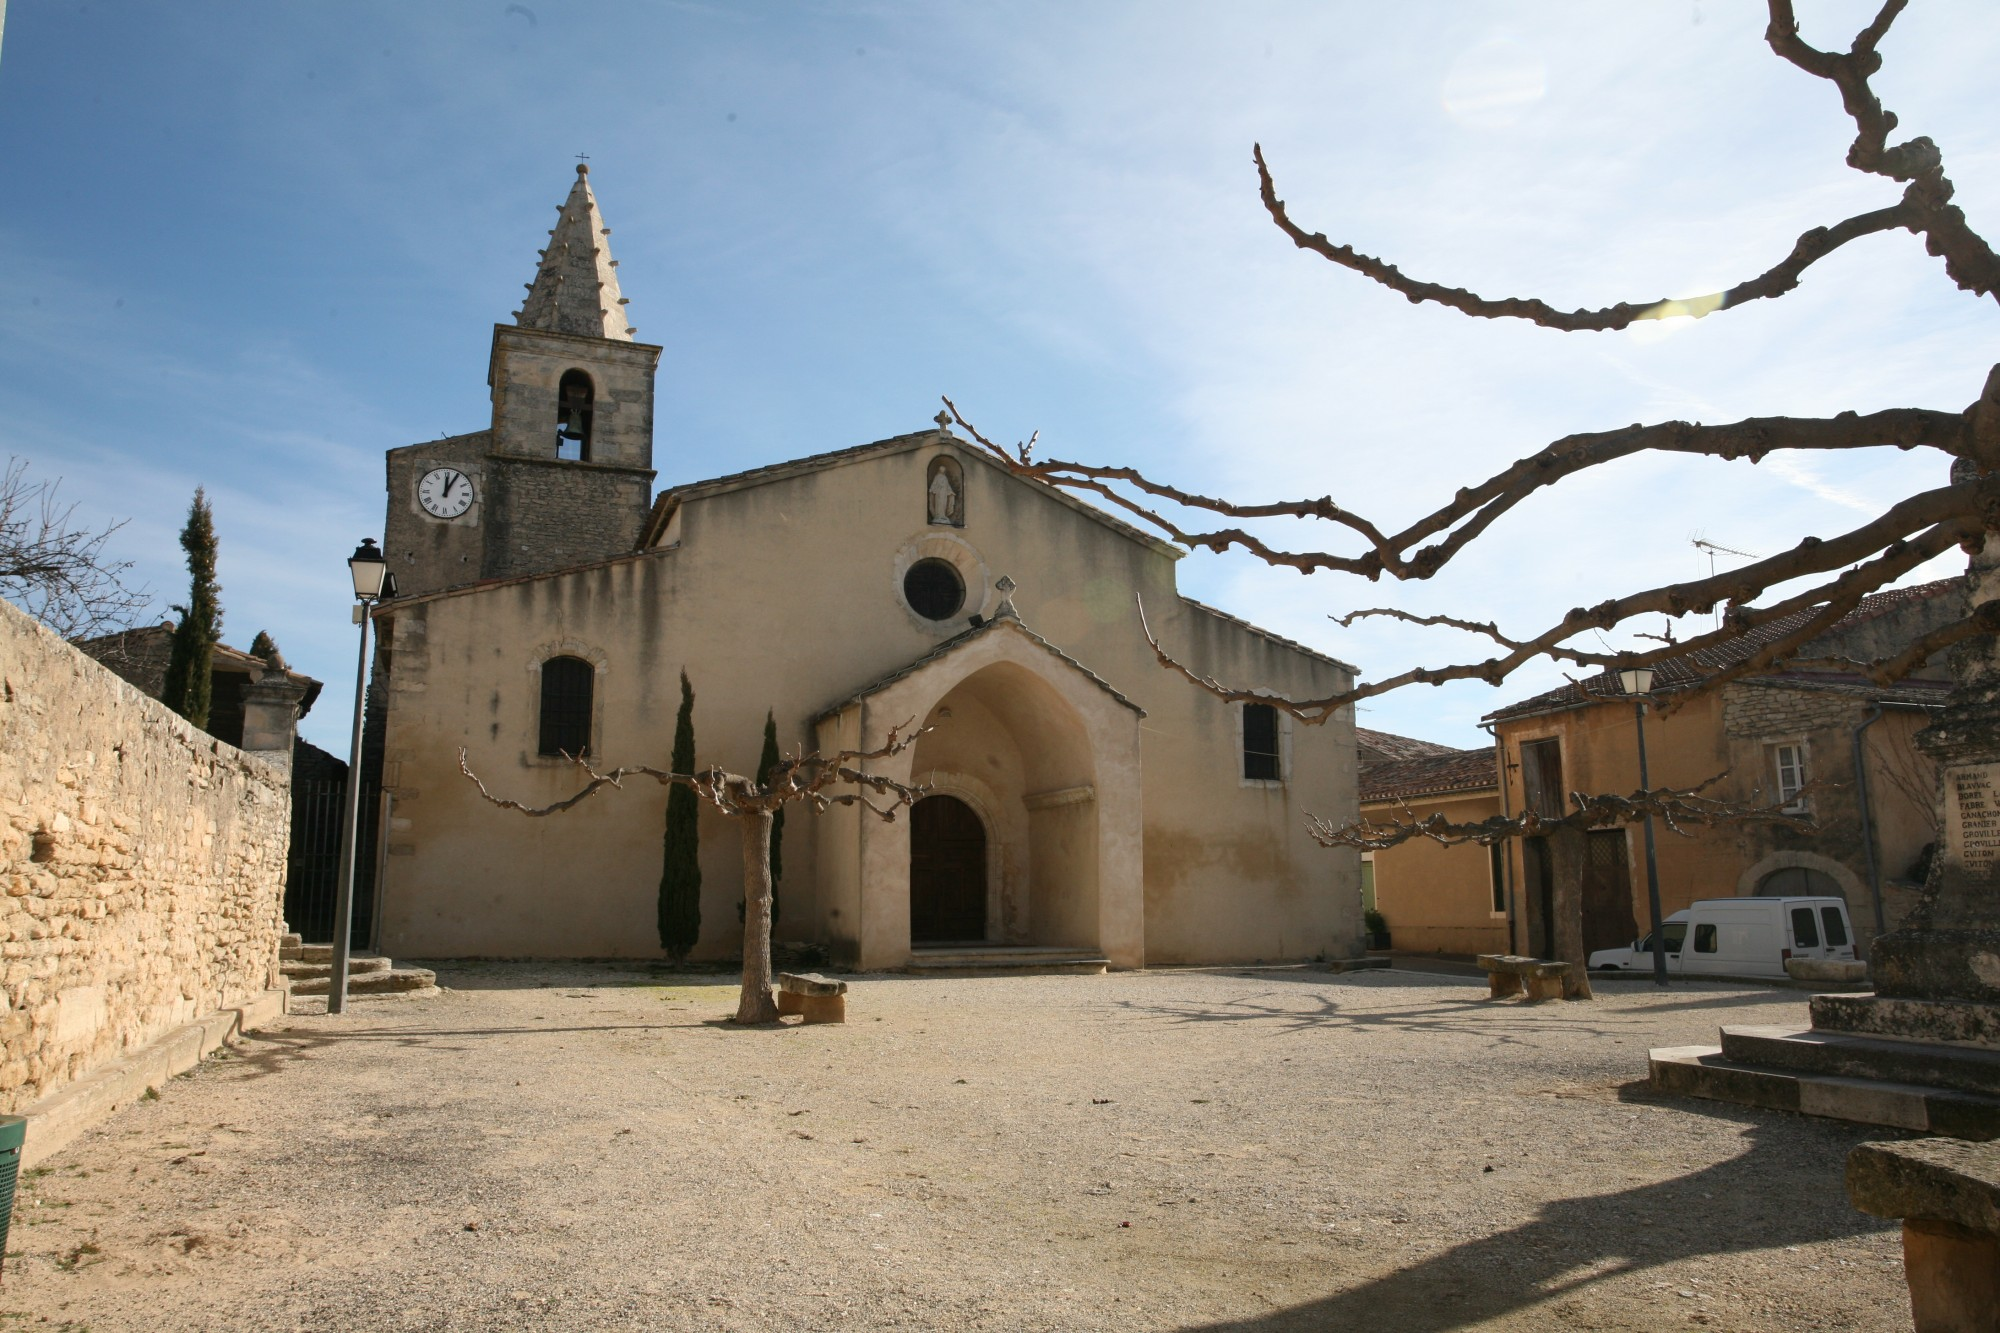 Eglise de Cabrières-d'Avignon